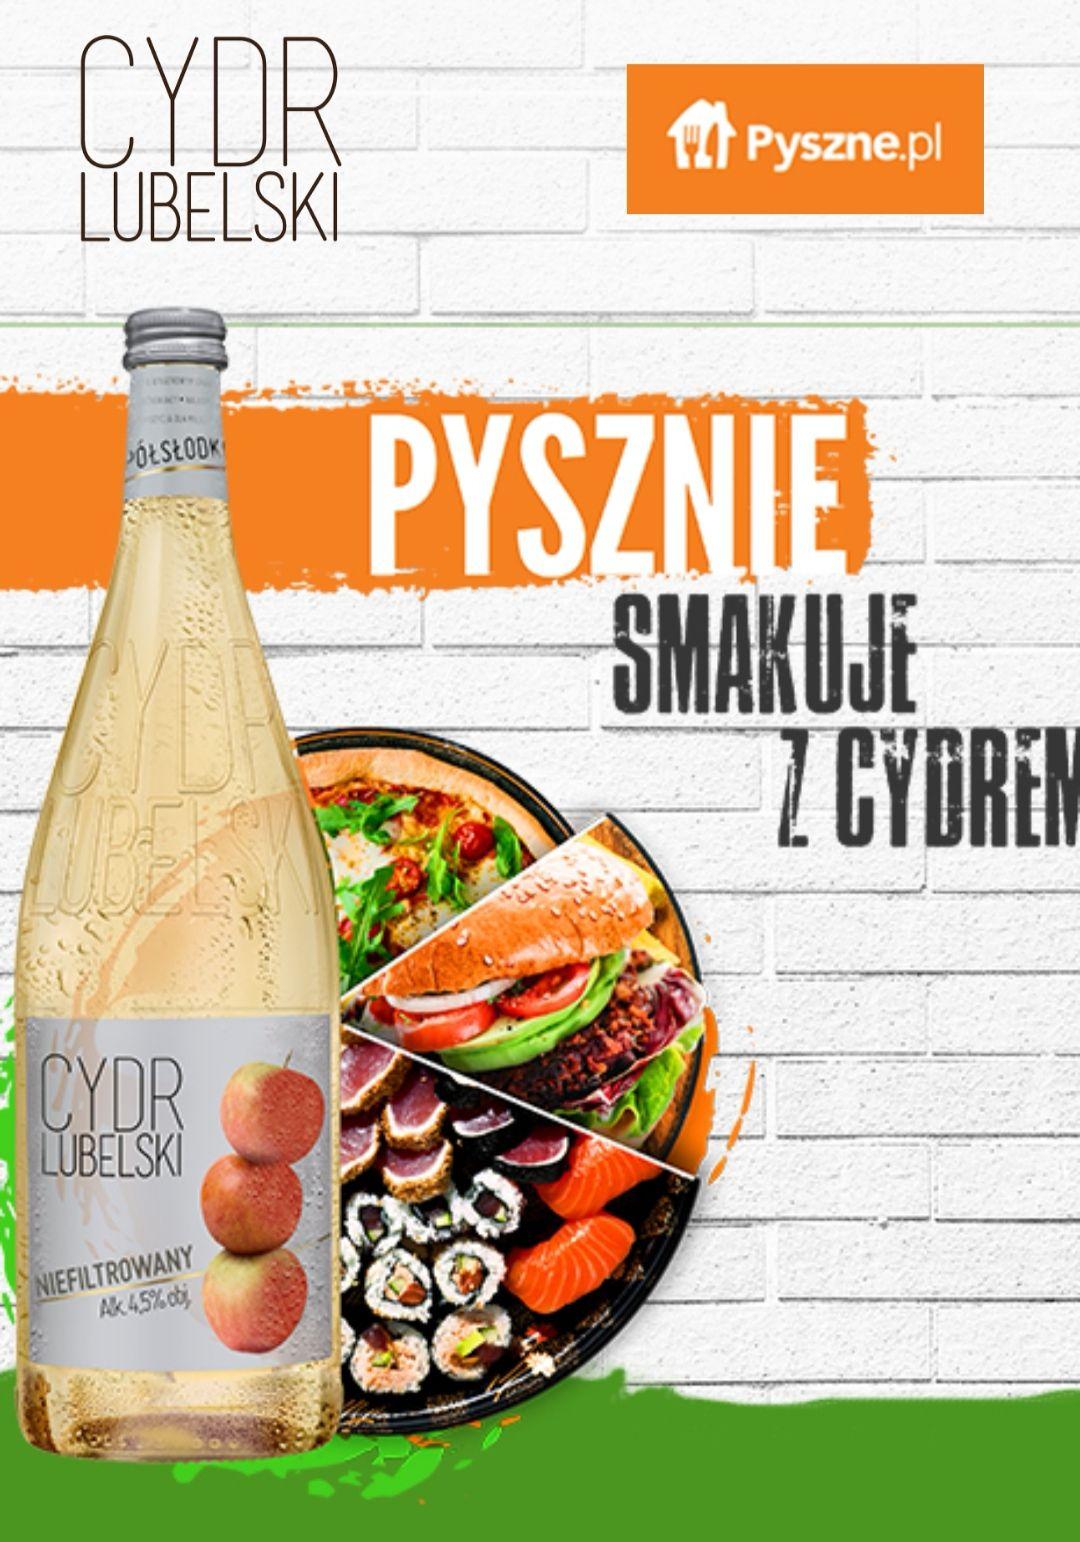 Kolejna odsłona akcji PYSZNIE SMAKUJE Z CYDREM LUBELSKIM! Kup Cydr Lubelski - odbierz kupon 10zł MWZ 30zł na pyszne.pl